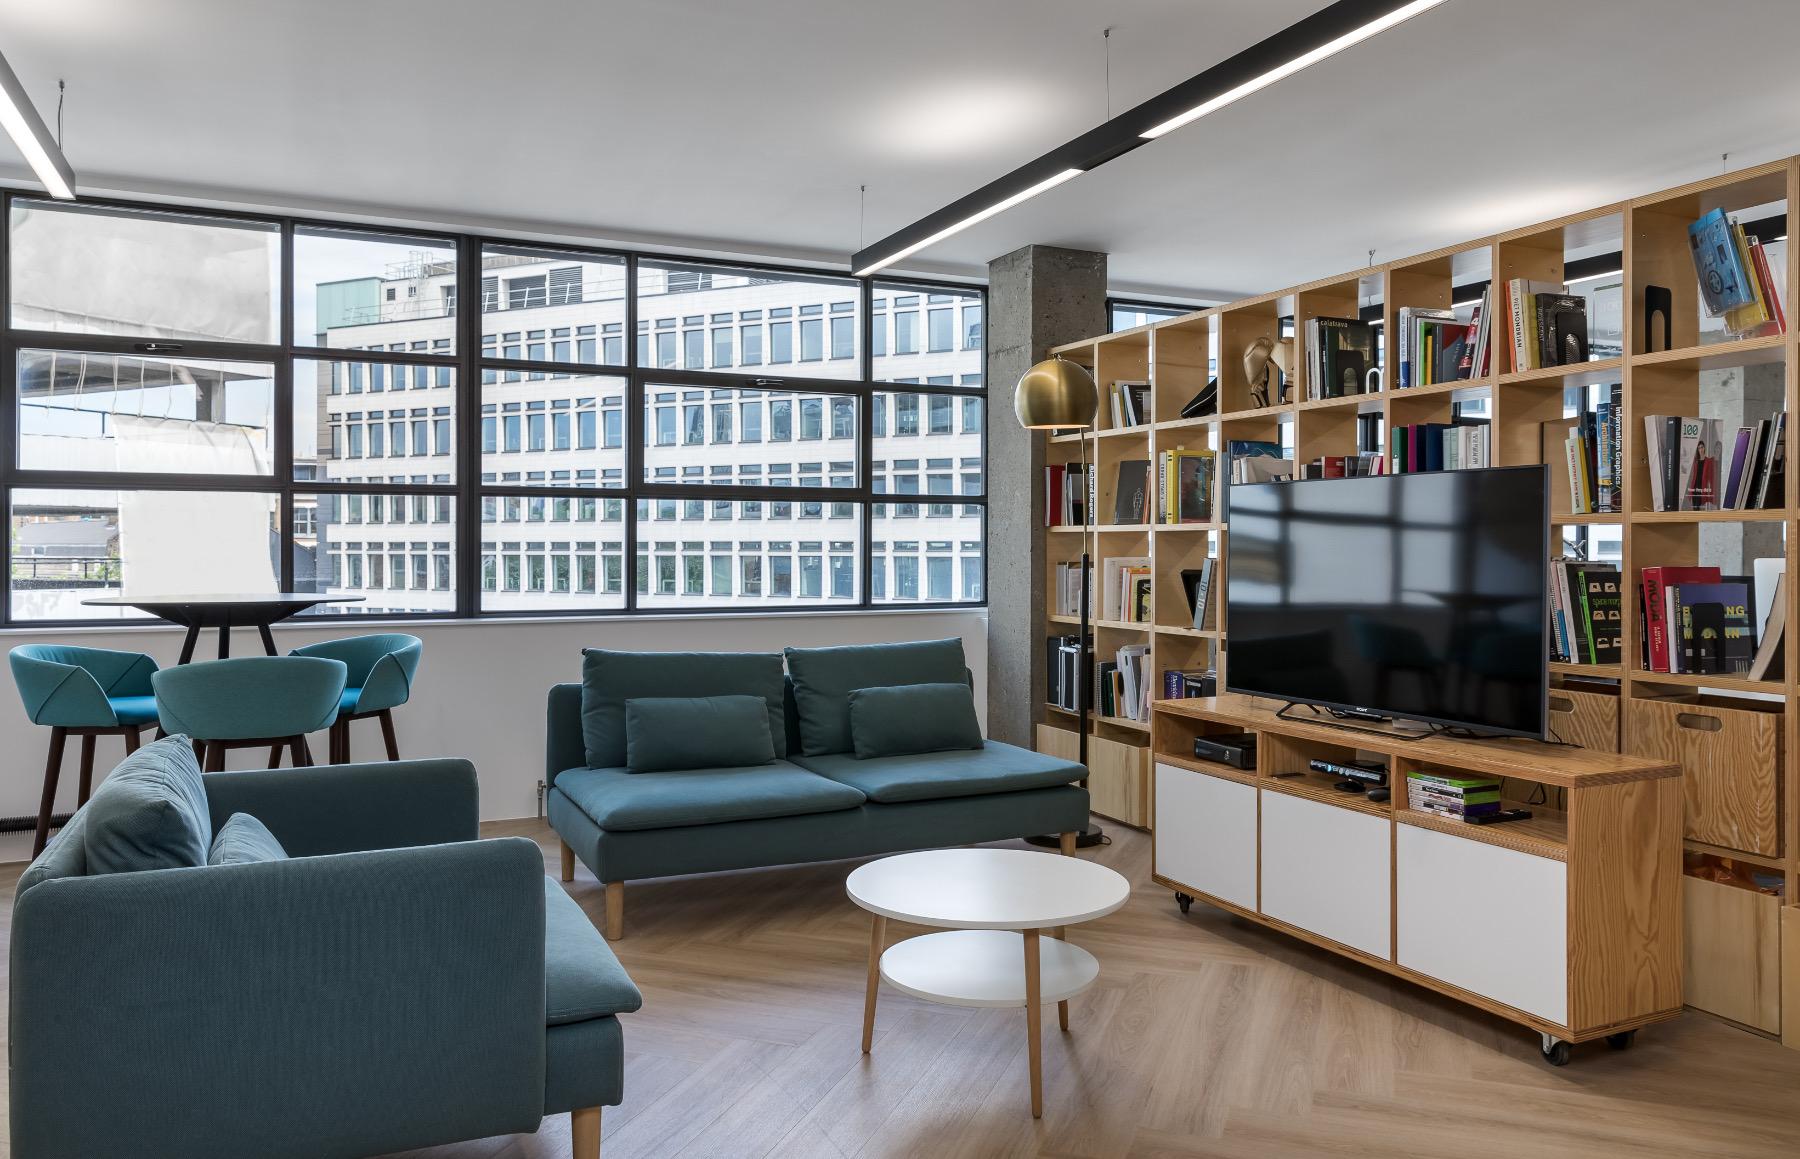 mccglc-london-office-13